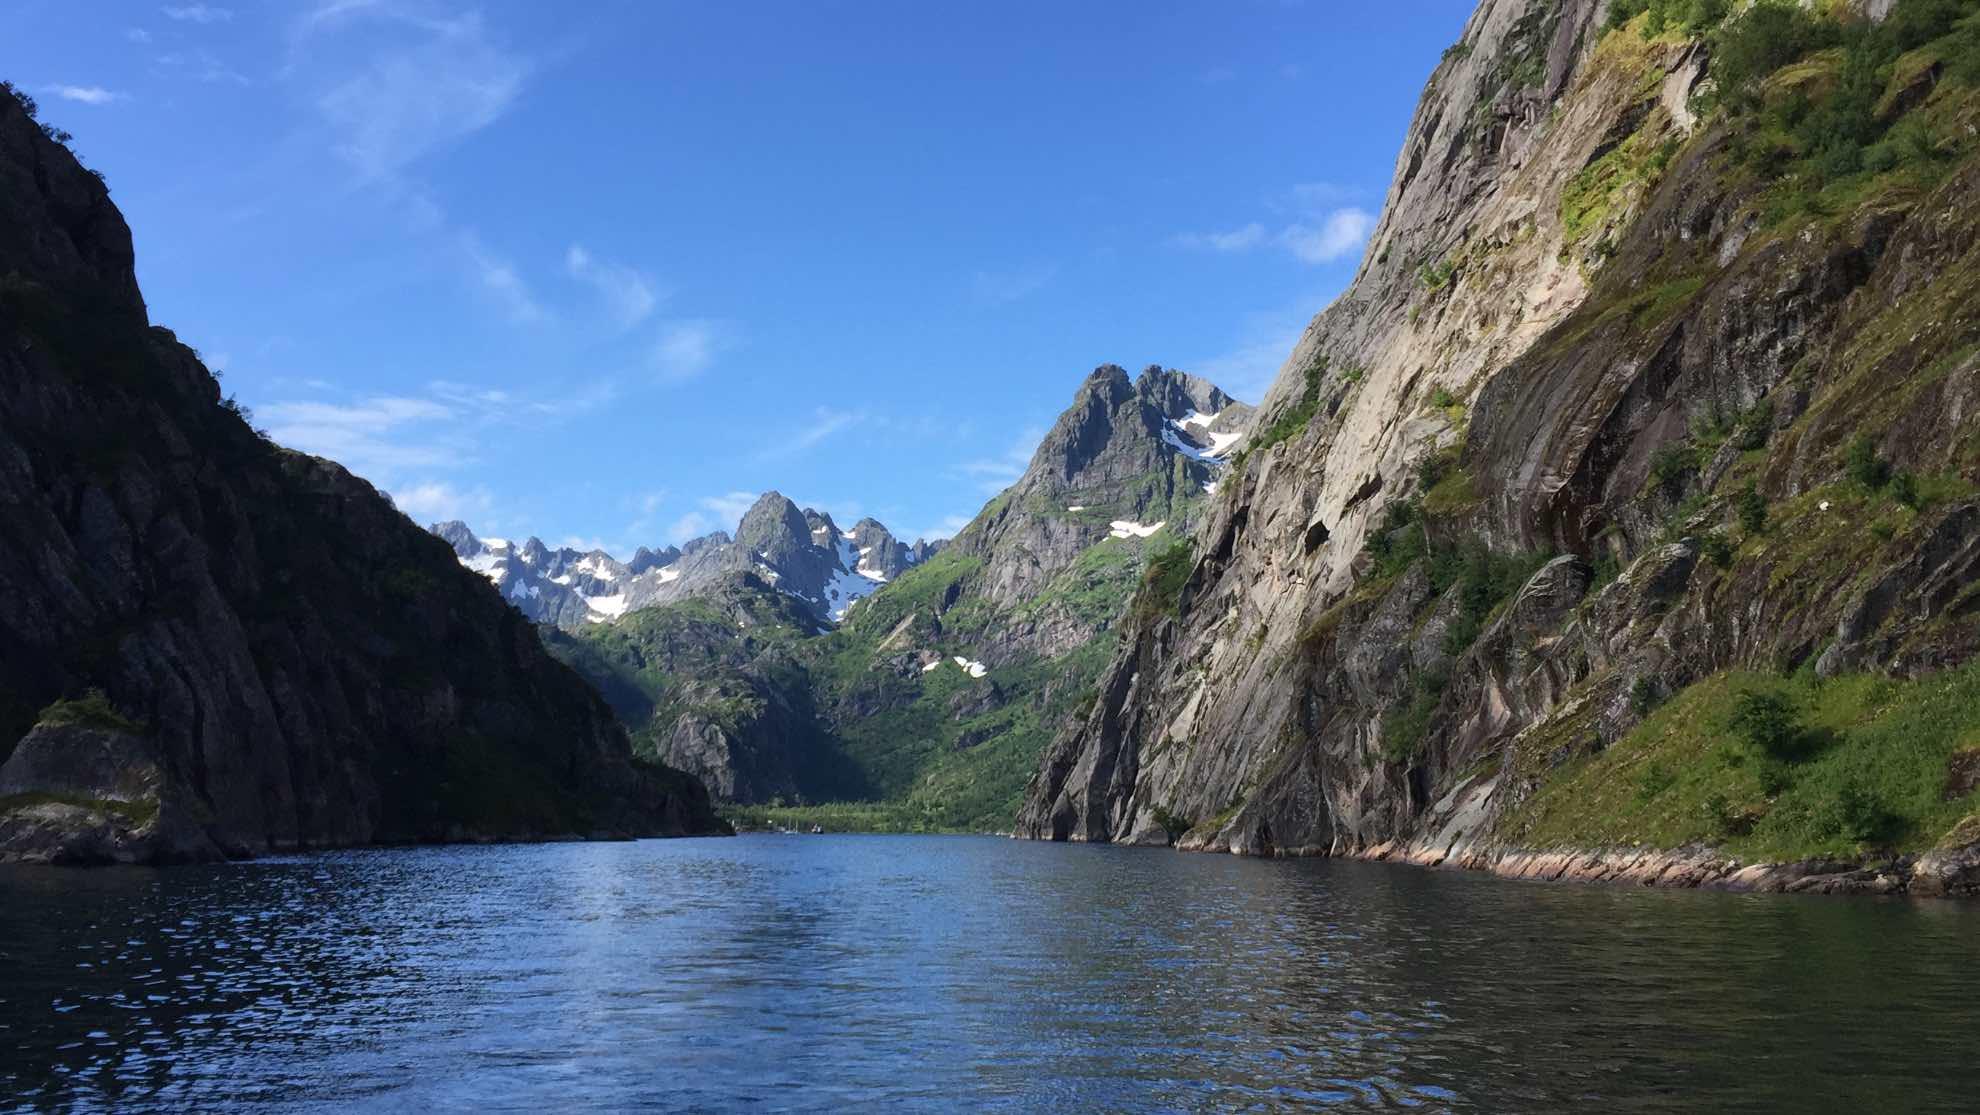 Und von dem einer der berühmtesten Fjorde abzweigt – der gut 2 Kilometer lange Trollfjord.